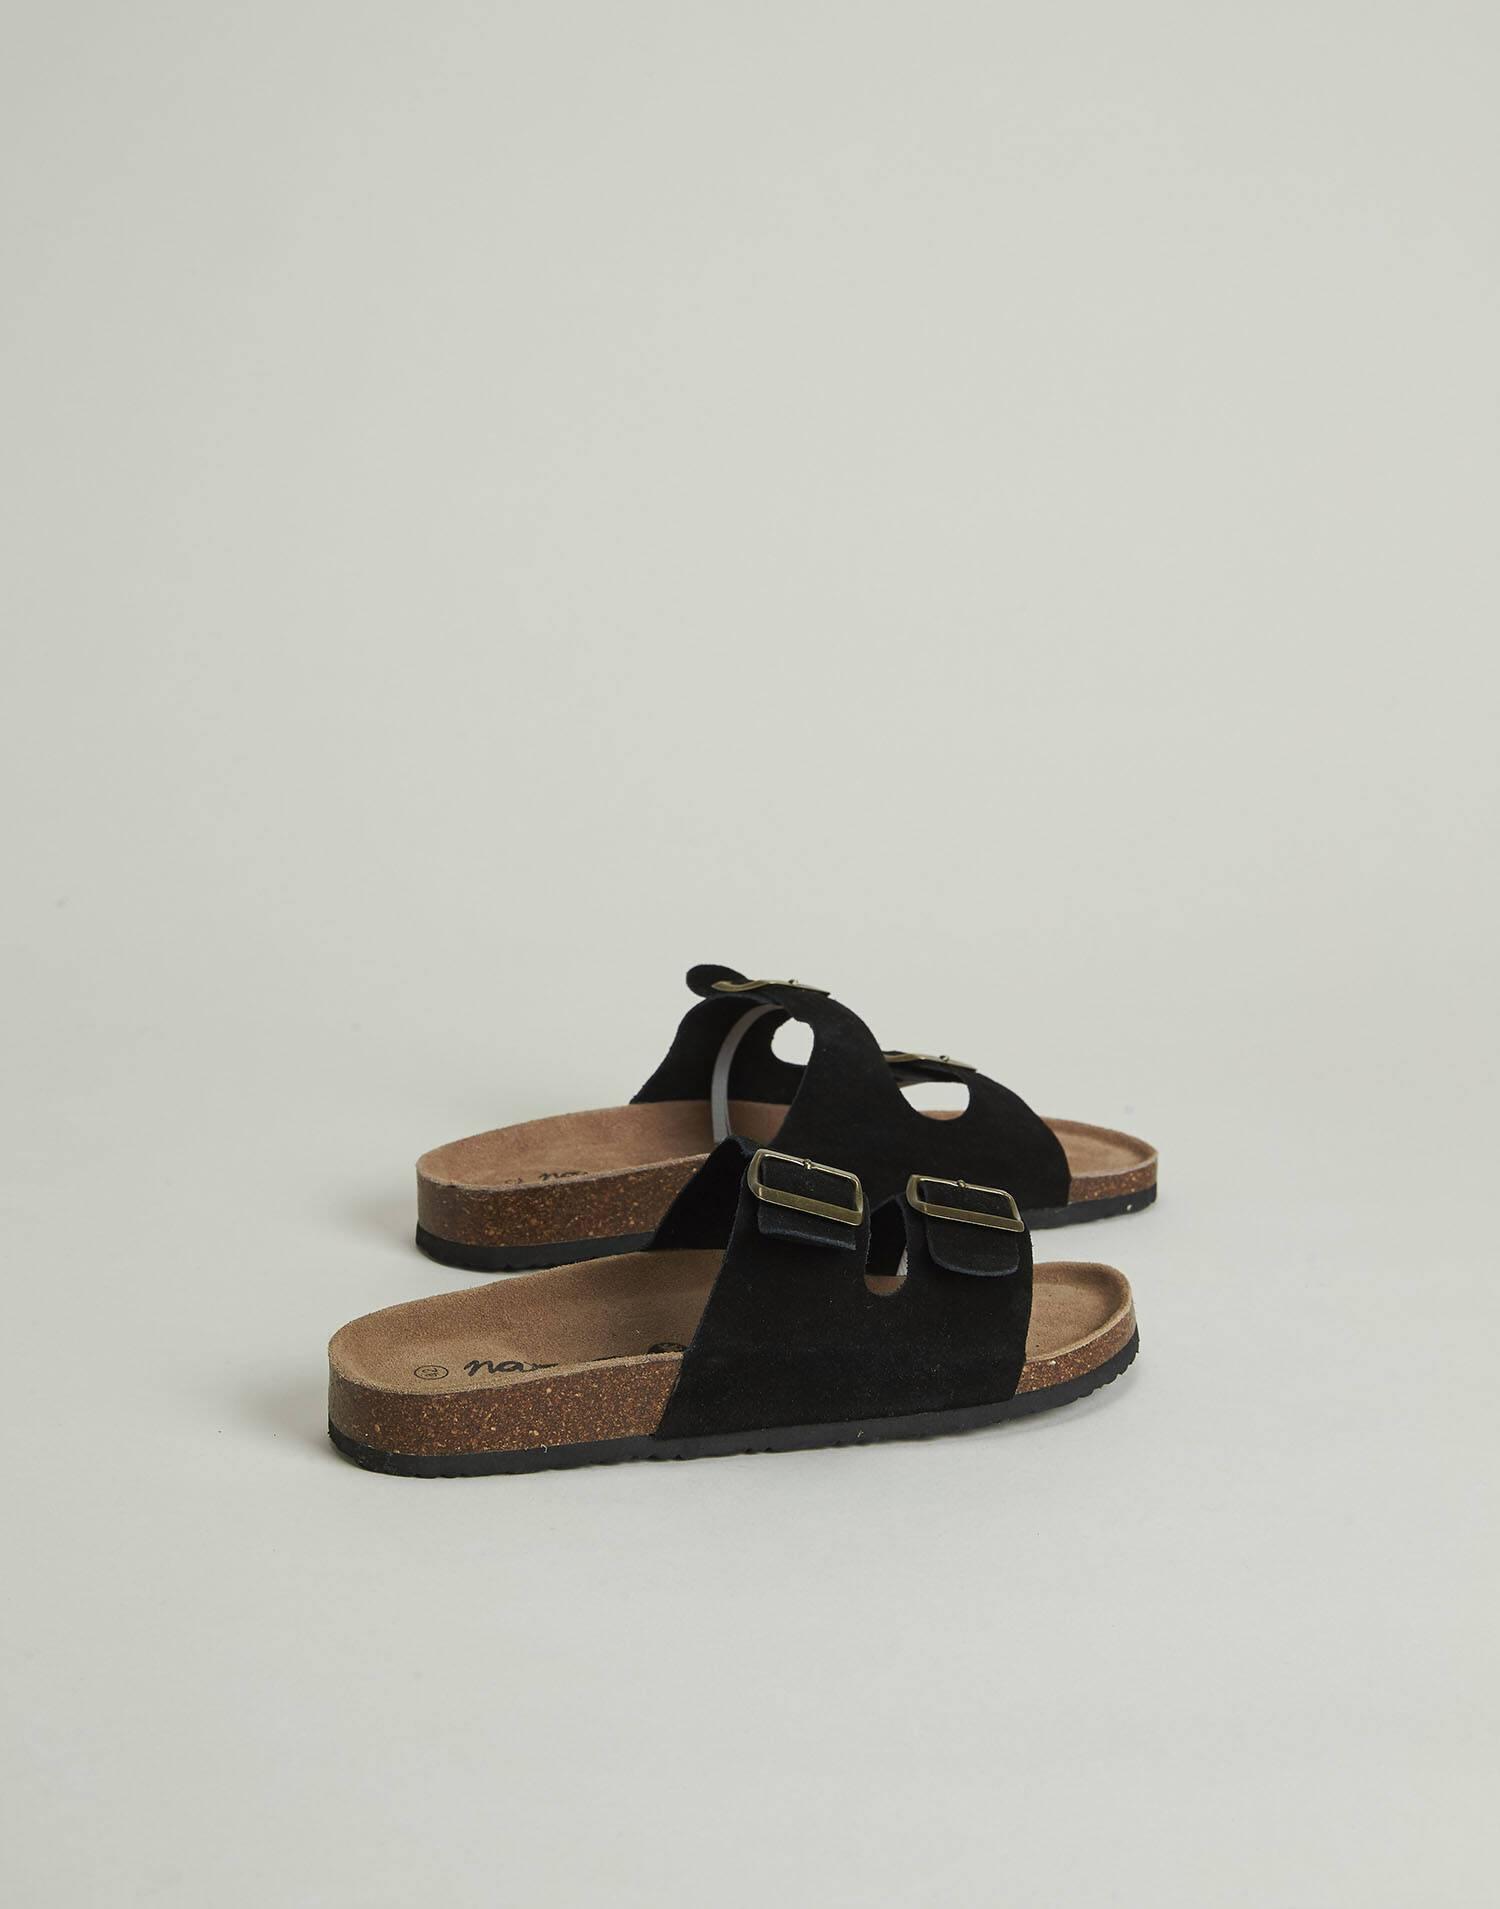 Sandales double boucle ergonomiques cuir homme